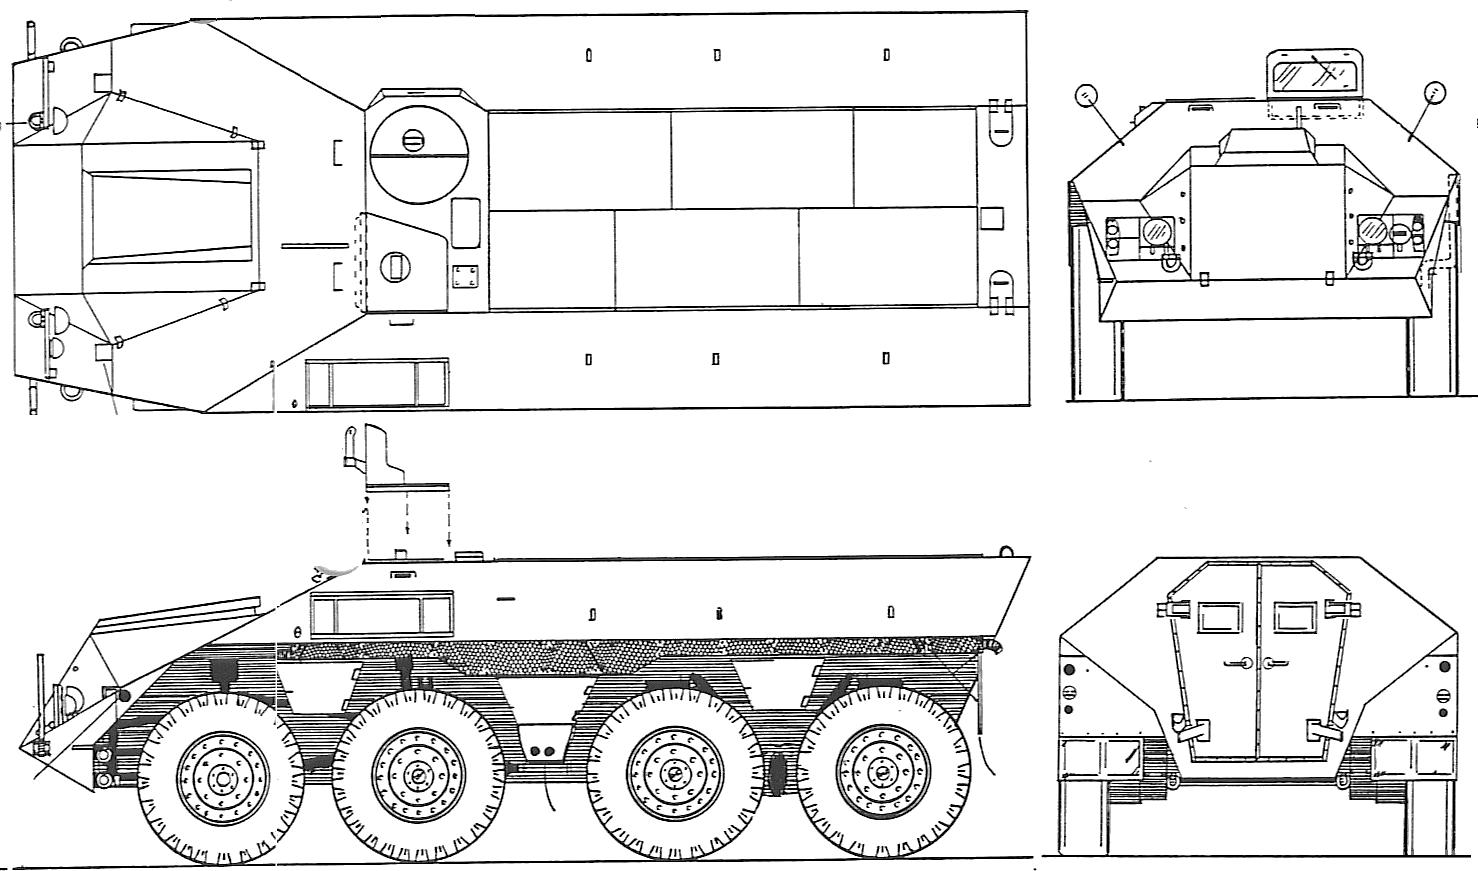 DAF YP-408 blueprint